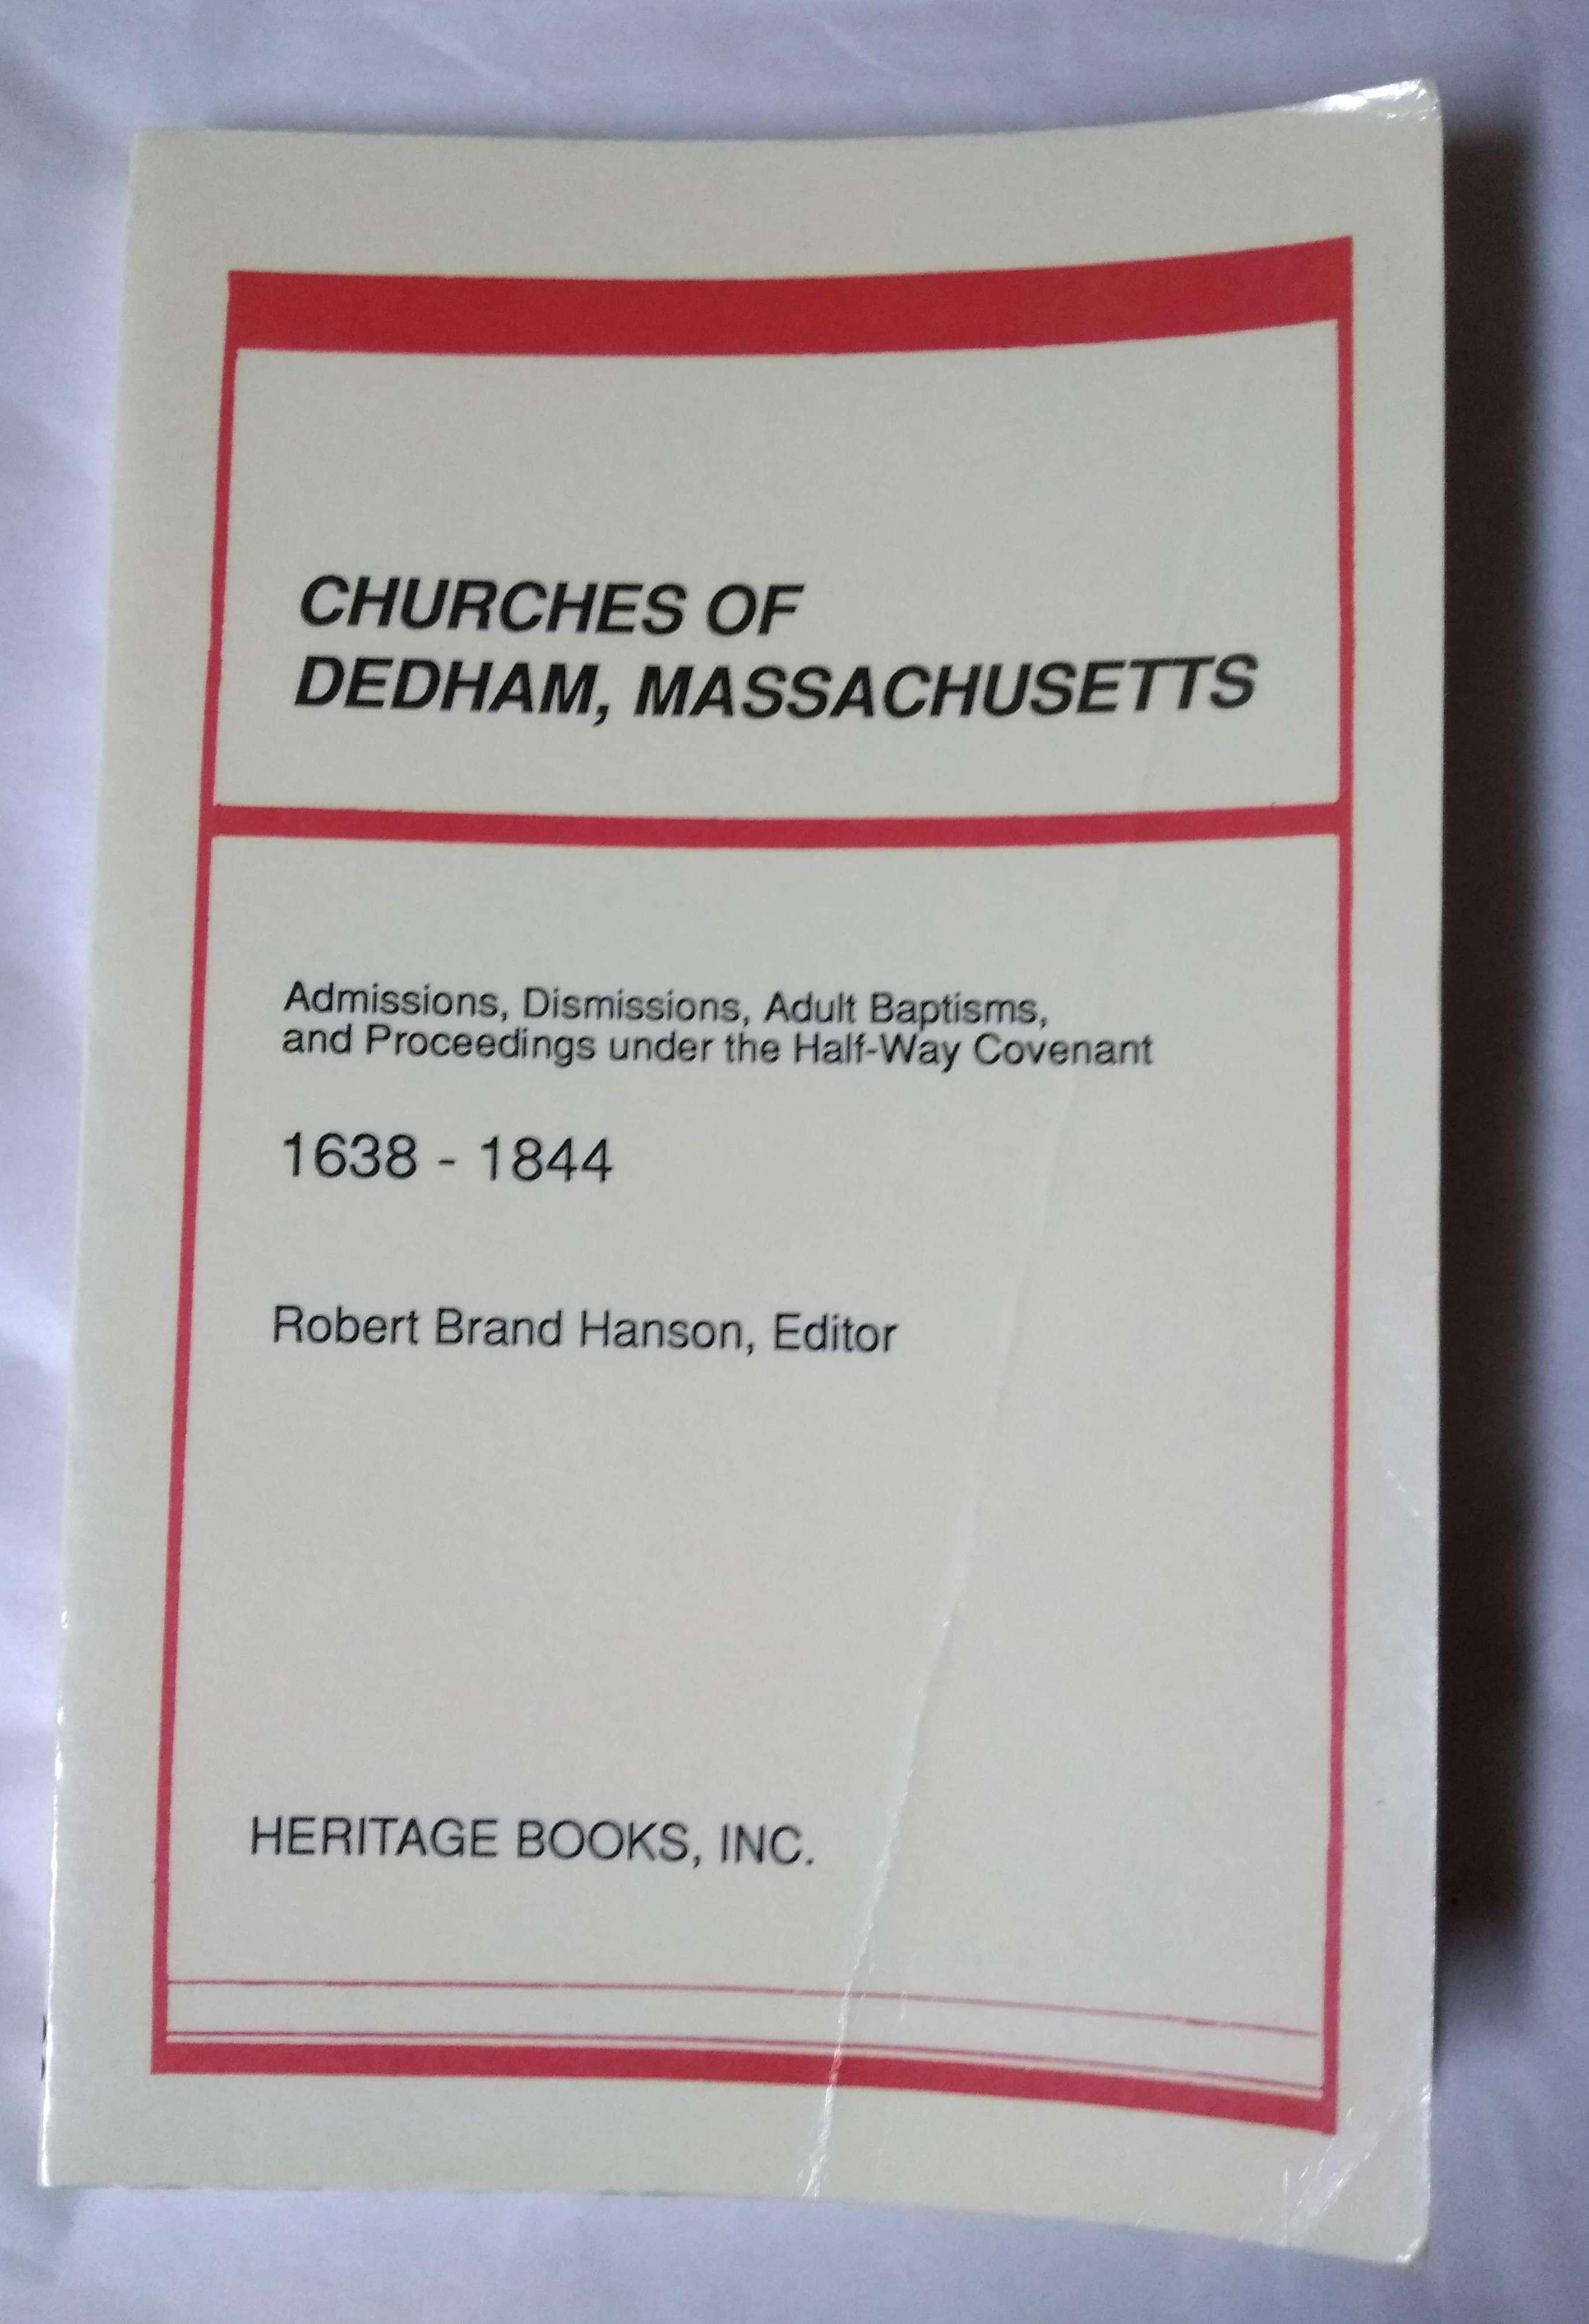 Churches of Dedham, Massachusetts, 1638-1844